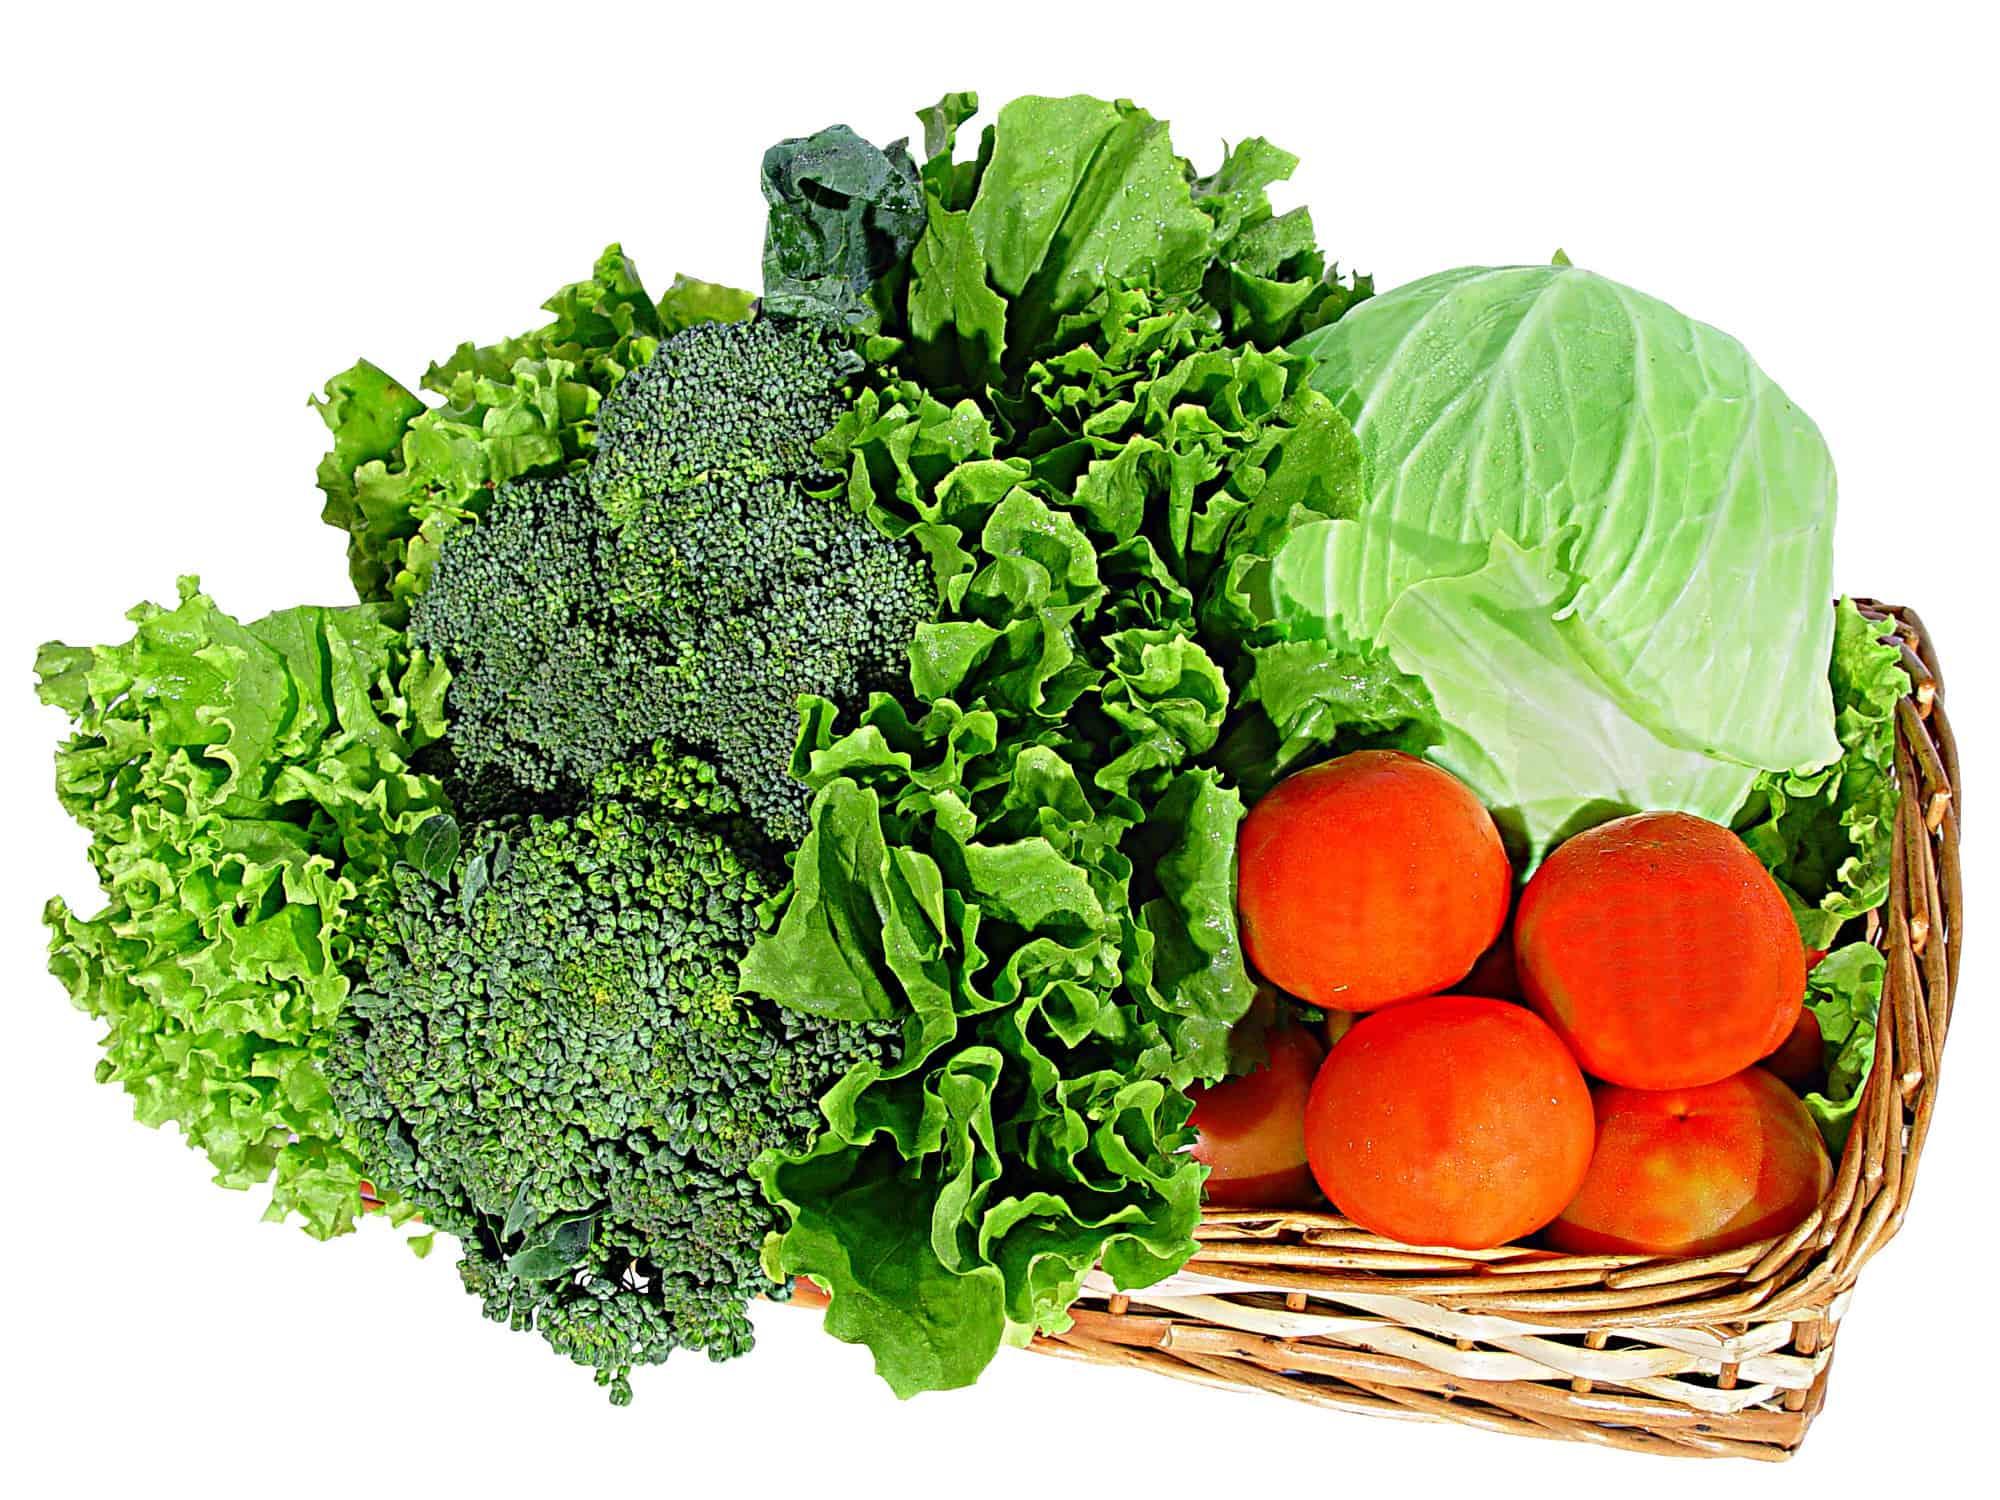 بحث عن الأطعمة الطازجة وفوائدها